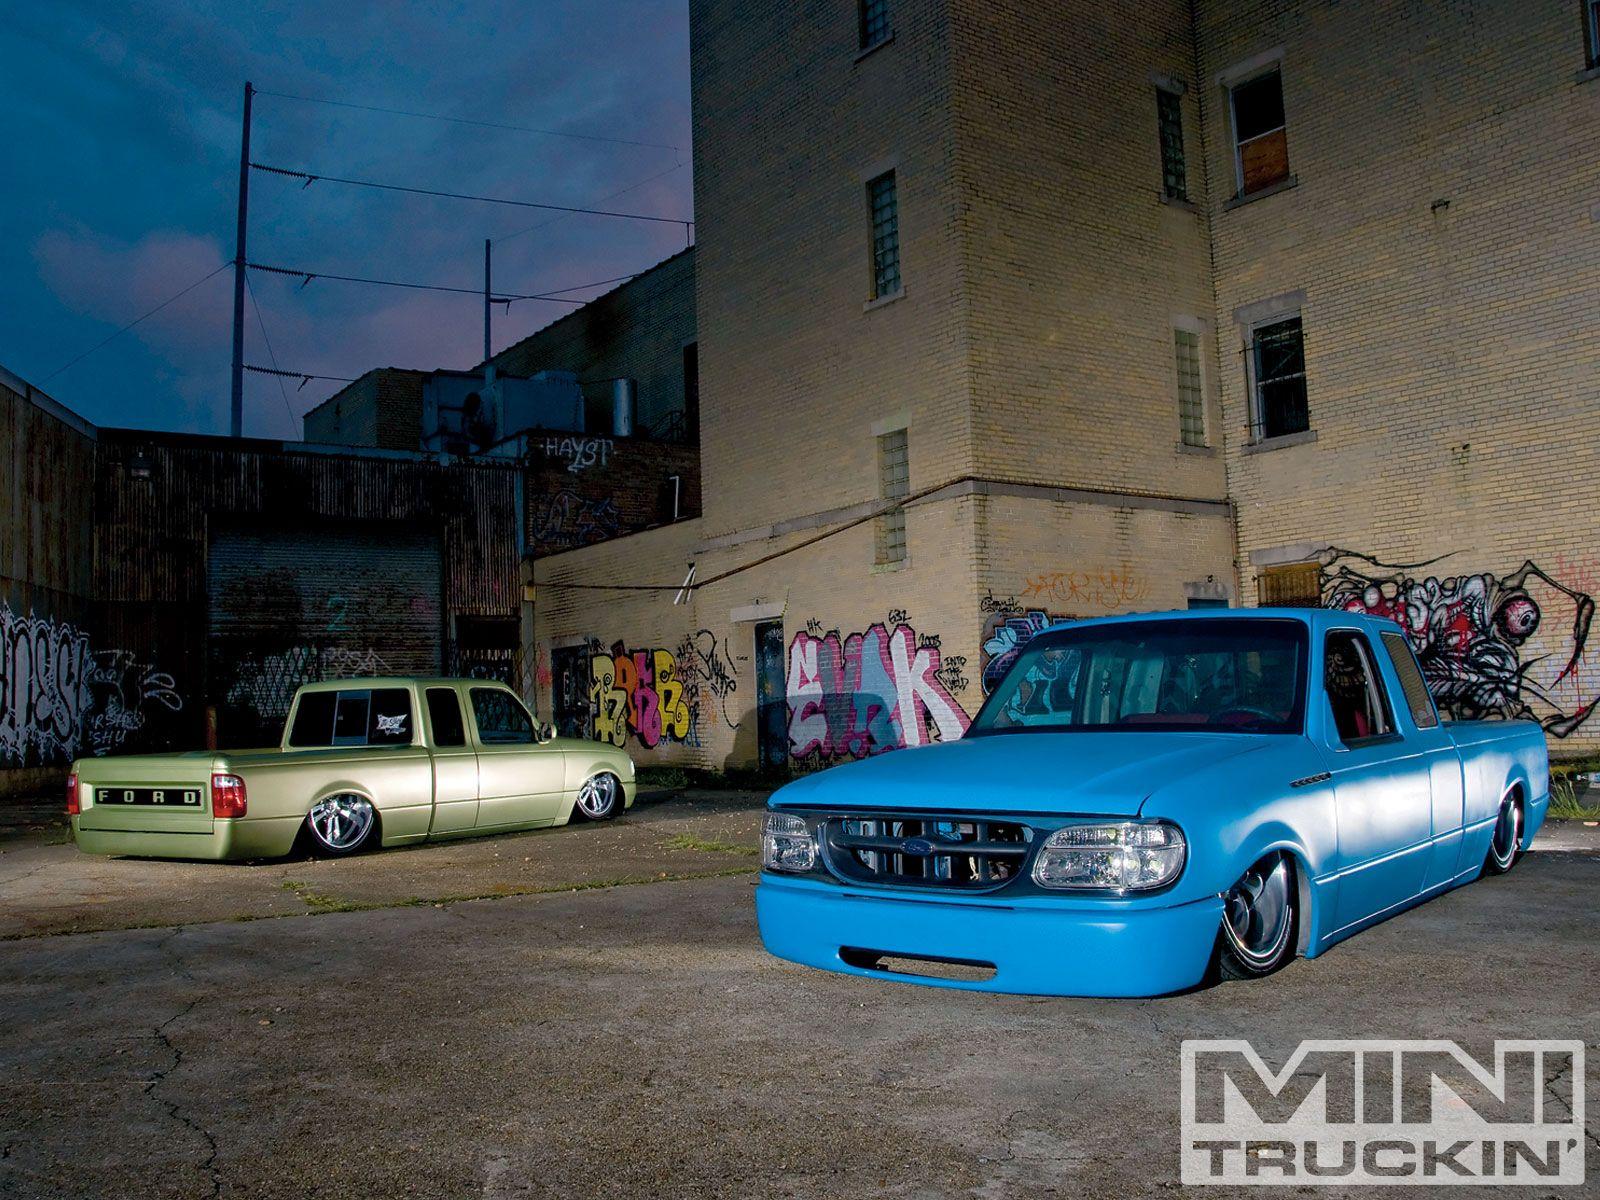 91 dodge truck galleryhip com the hippest galleries - 2000 Ford Ranger Custom Ford Ranger Trucks Photo 1